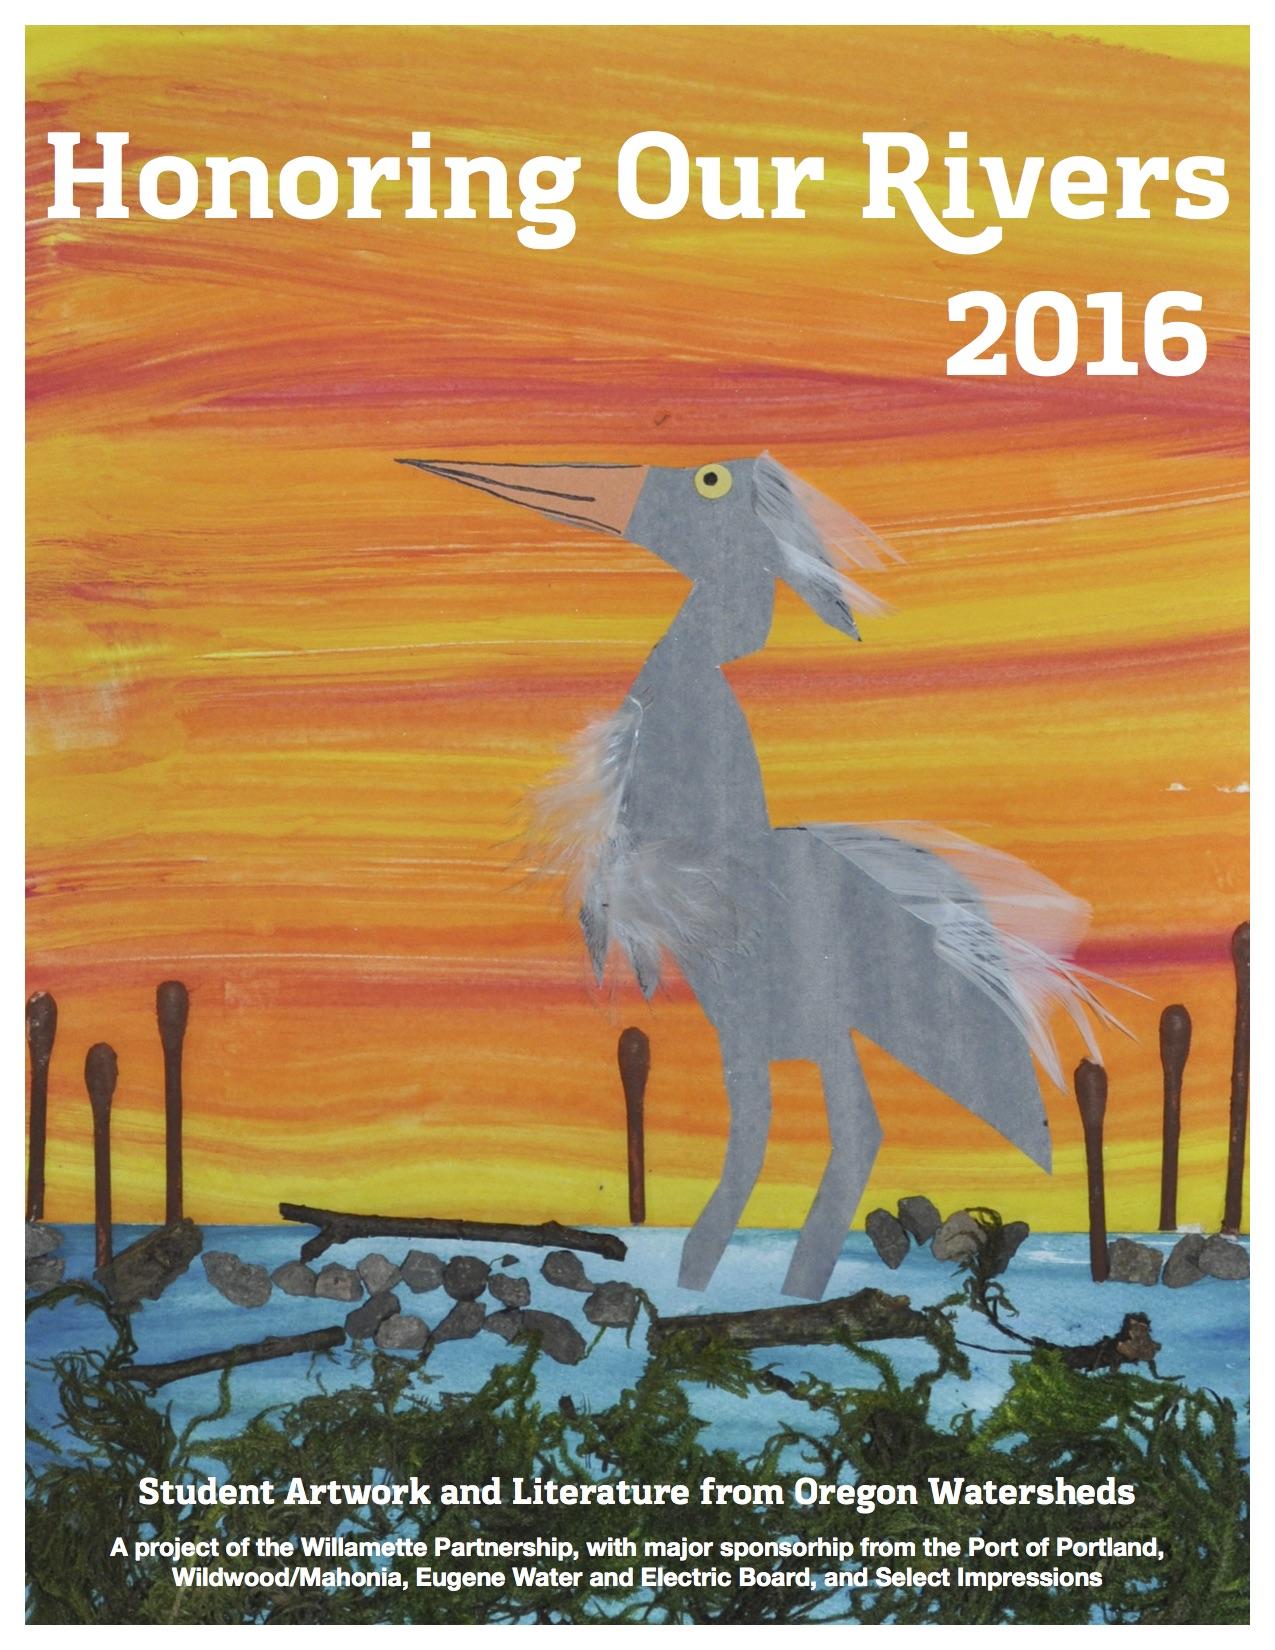 HOR 2016 Cover.jpg